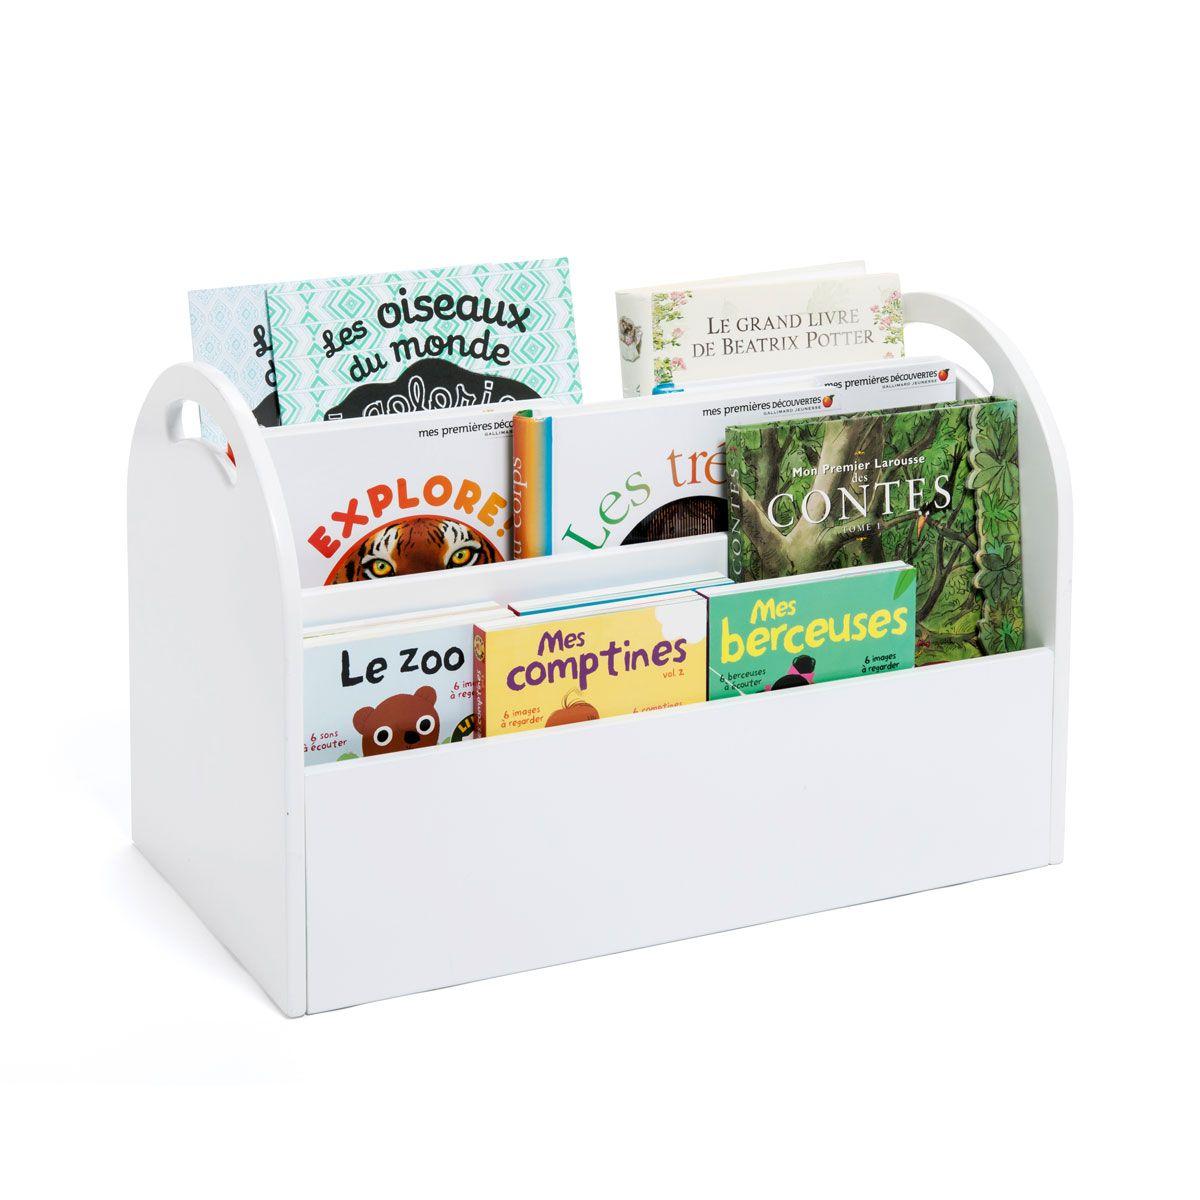 Petite Bibliotheque Sur Roulettes Izi Move Bibliobul Creation Oxybul Pour Enfant De 2 Ans A 5 An Petite Bibliotheque Rangement Livre Enfant Bibliotheque Enfant